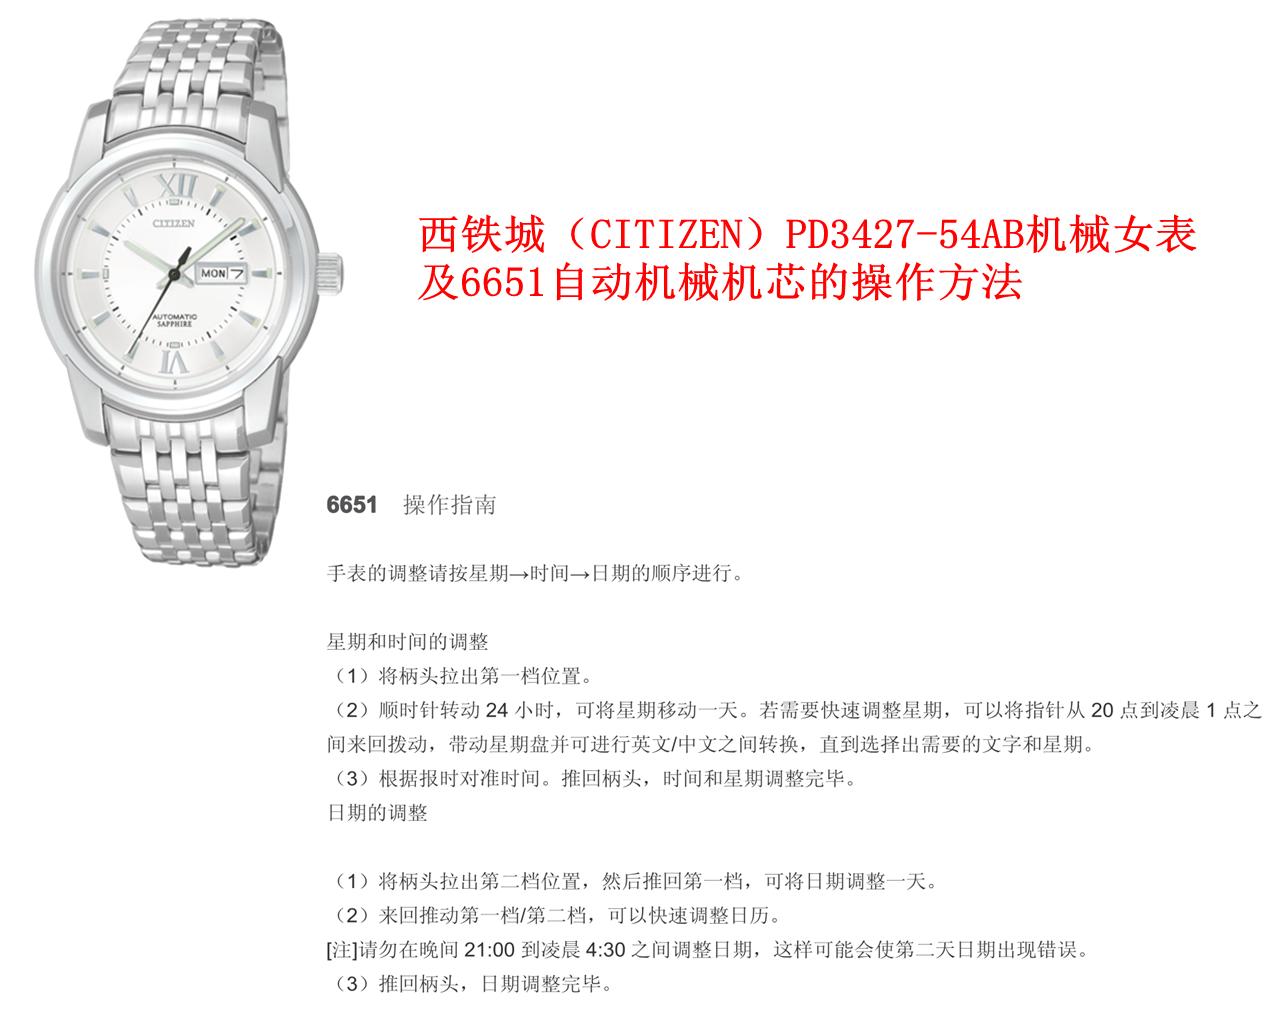 ck手表如何调时间_西铁城pd3427-54ab手表如何调时间